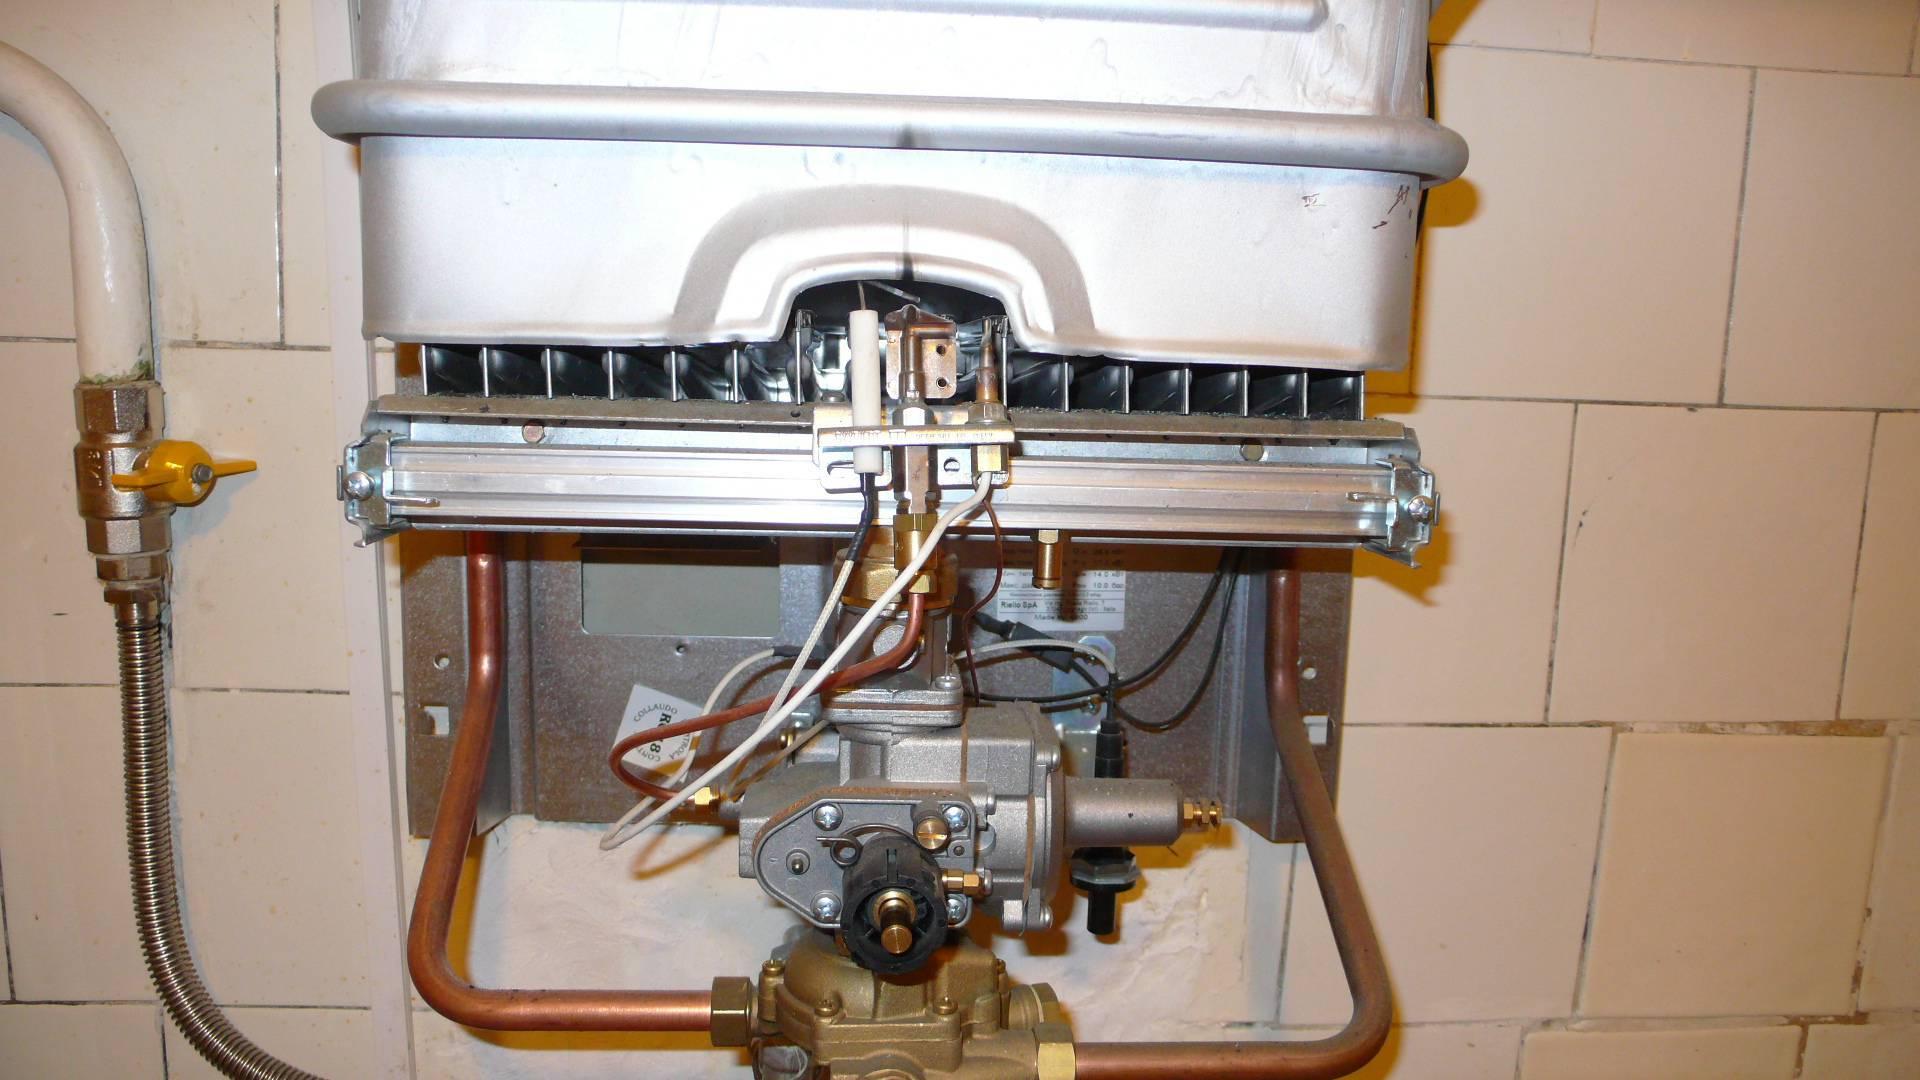 Нужен ли проект на замену газовой колонки. установка газовой колонки: ремонт, цена, в квартире.